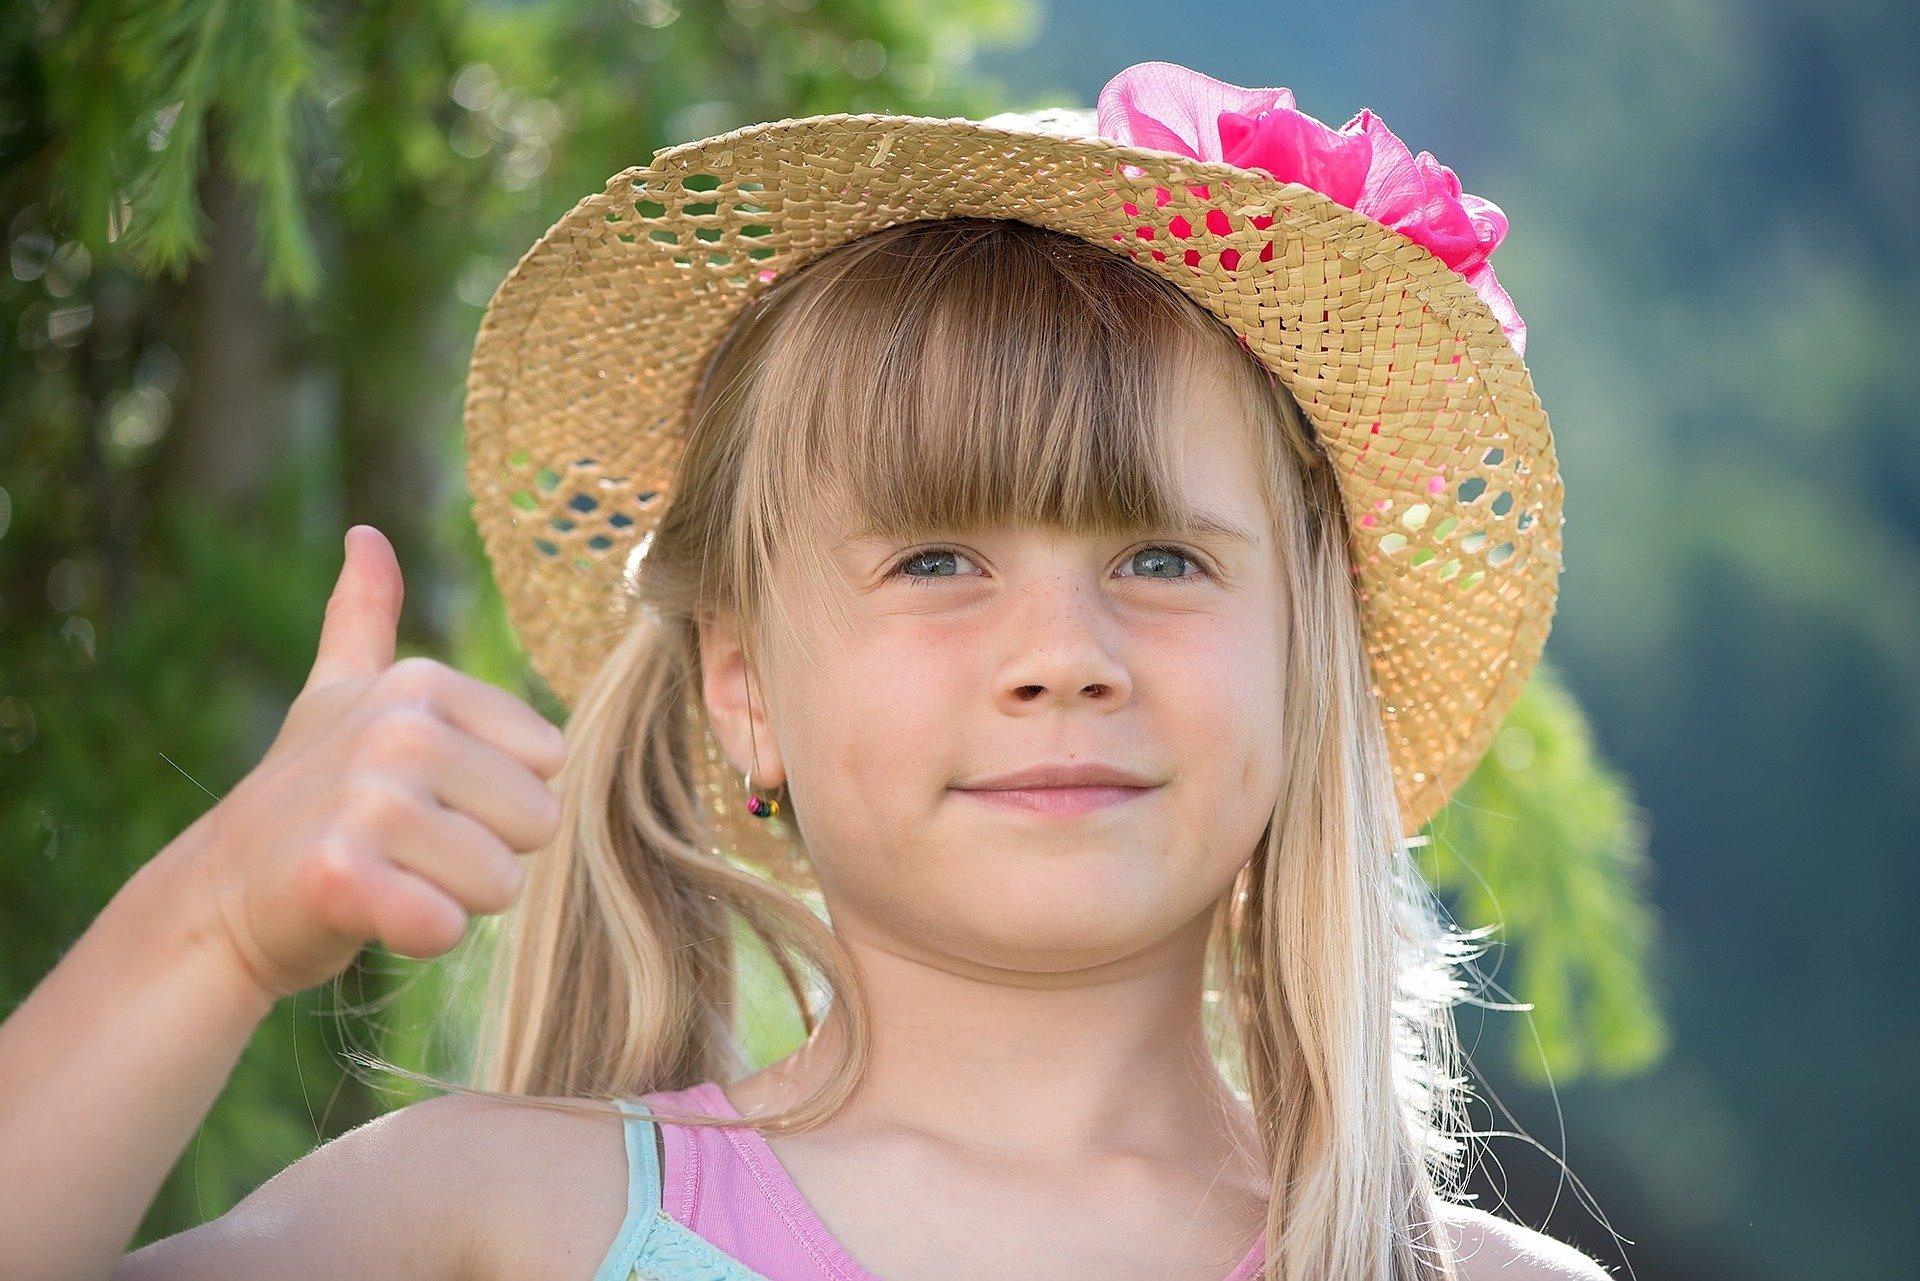 Comment combattre les poux efficacement avec des produits naturels ?